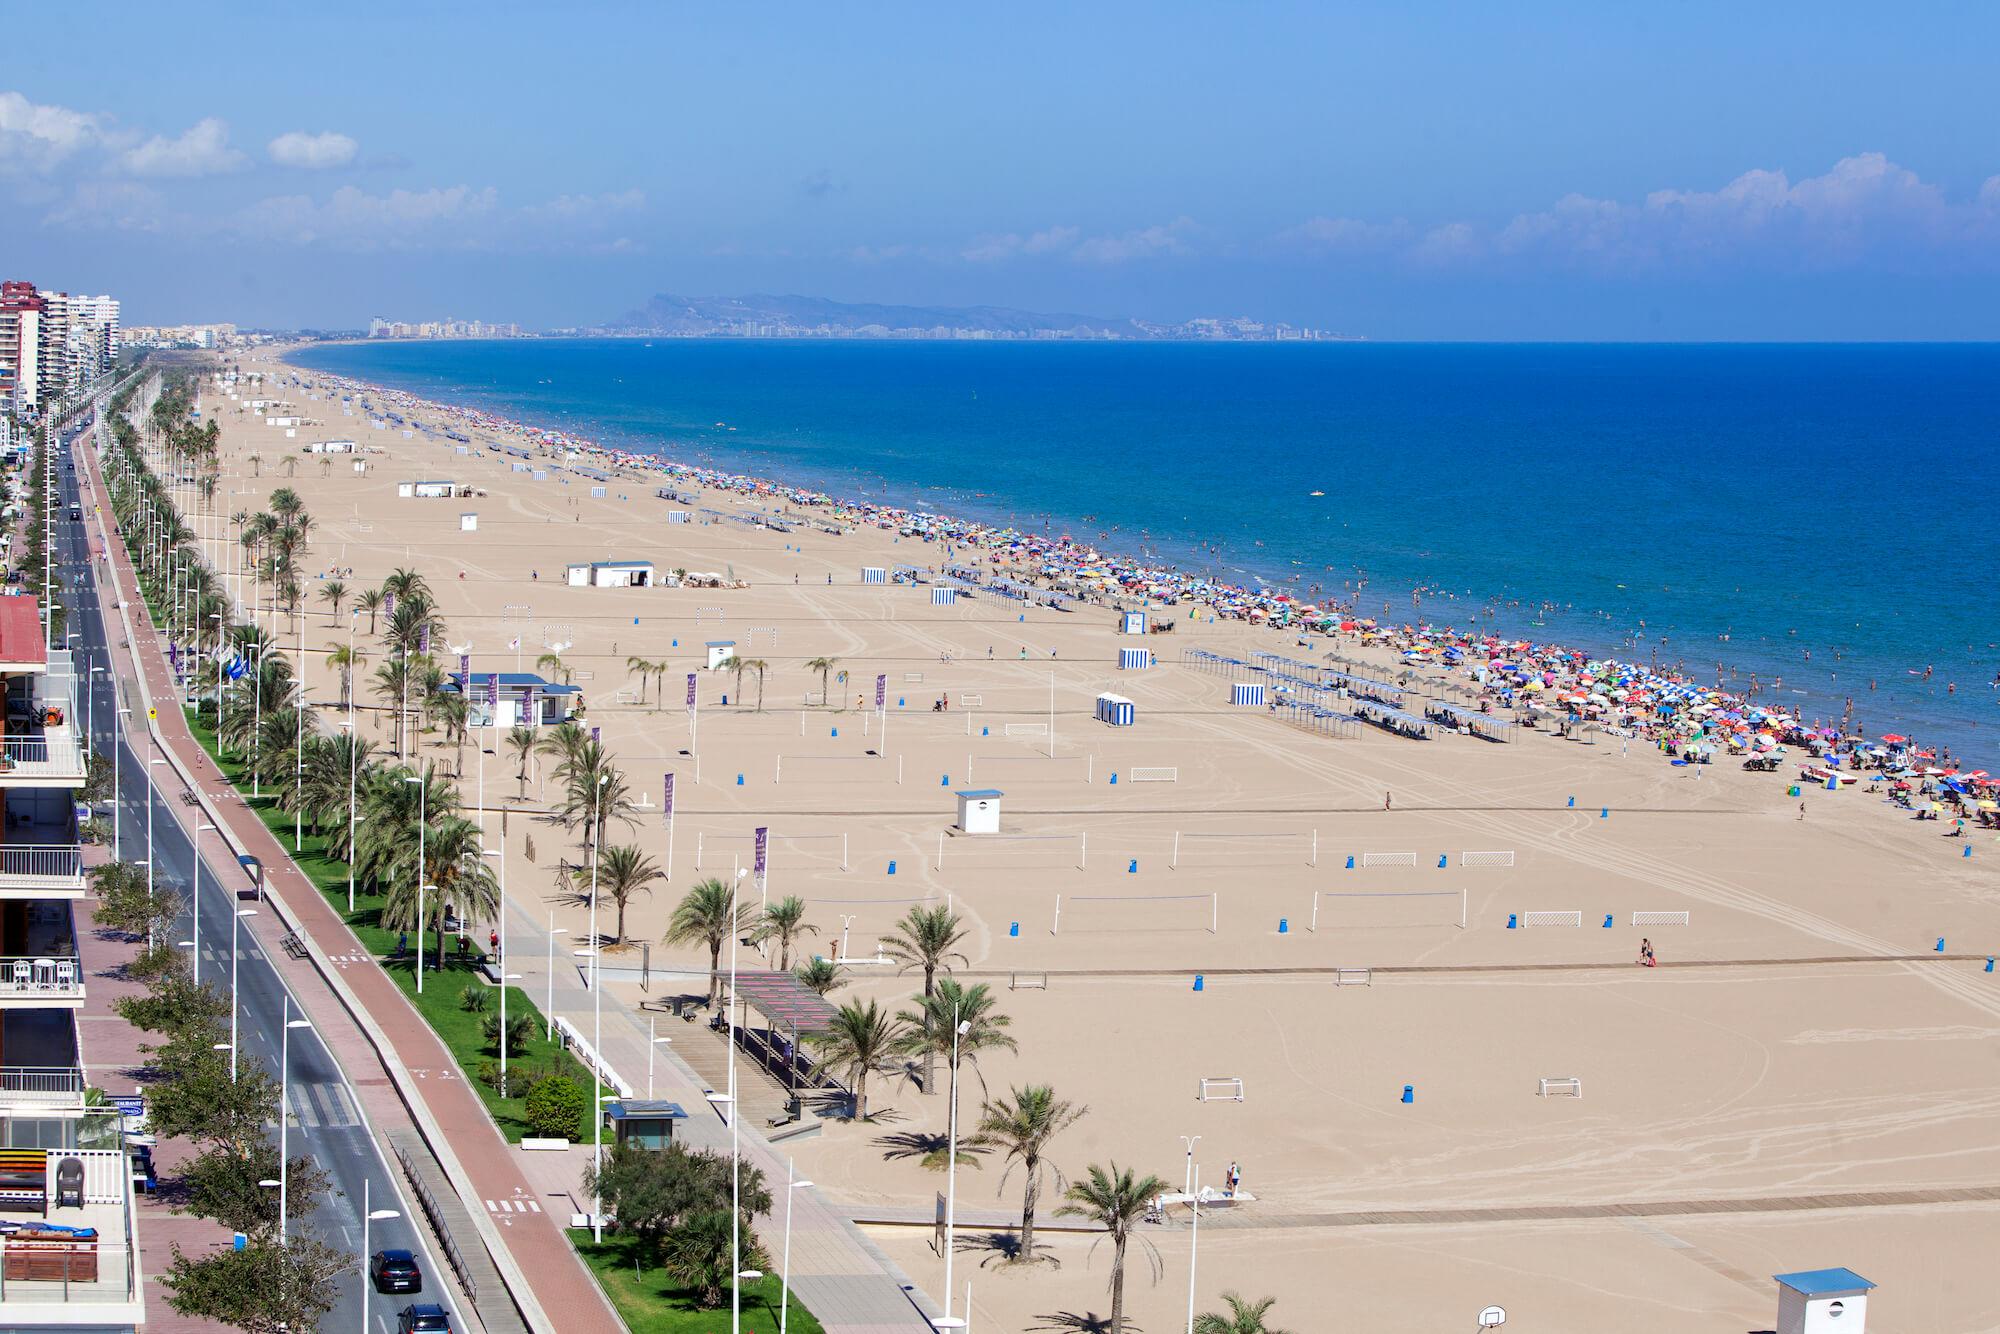 Лучшие пляжи казахстана фото туристов бесплатную картинку